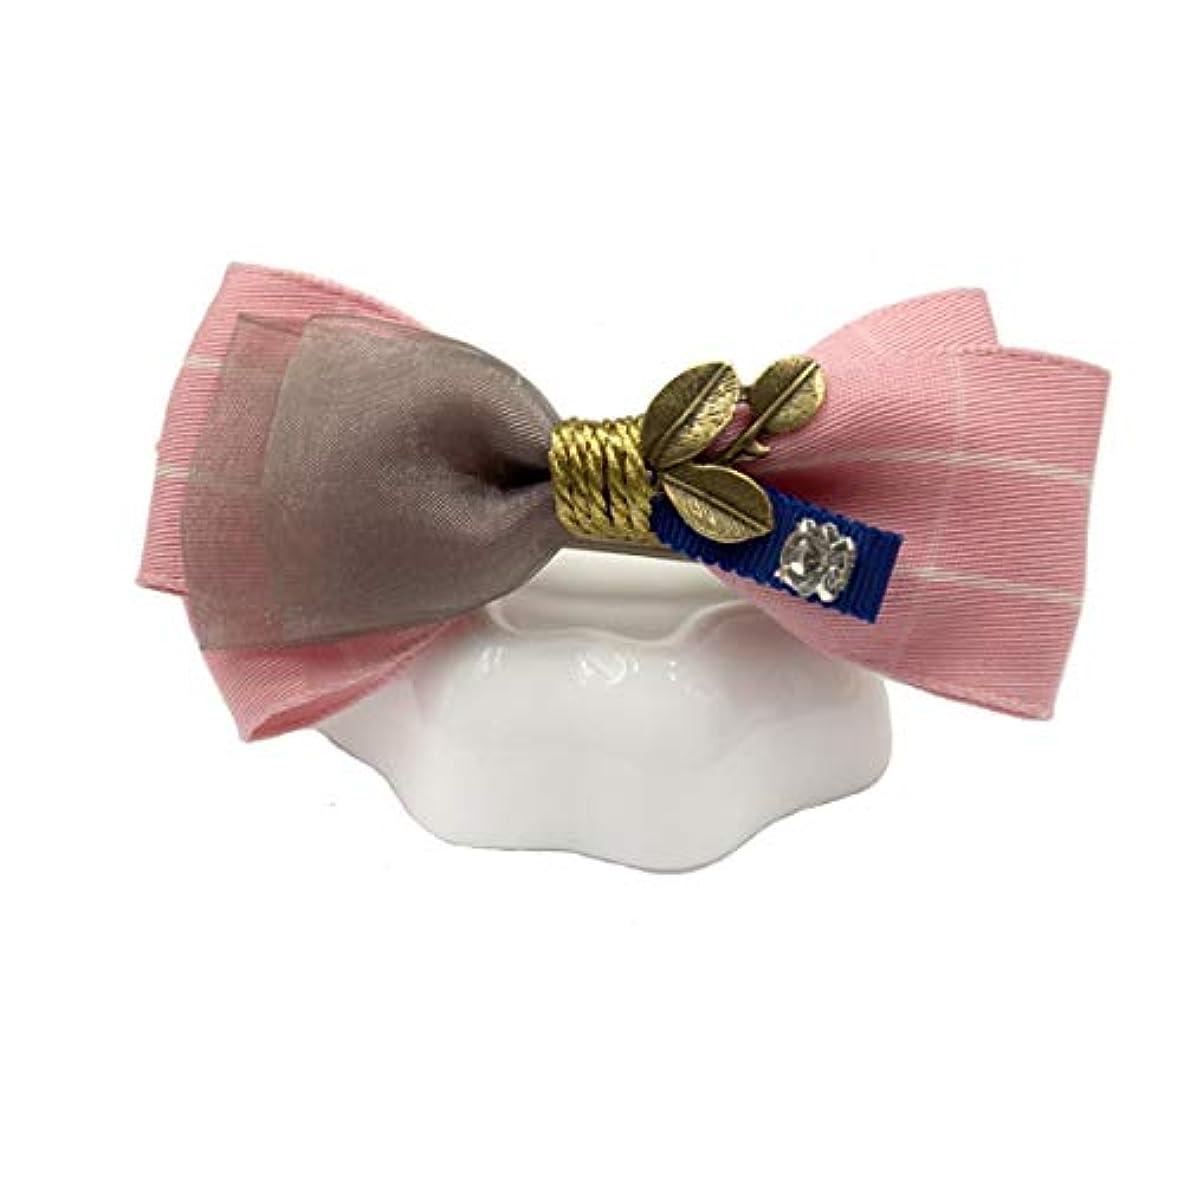 素晴らしきストライク湿ったヘアピン、ヘアピン、ヘアクリップ、ヘアクリップ、ヘアピンメスシンプルボウヘアピンワードポニーテール水平クリップメスの春クリップマザートップクリップヘアピンのスプリングクリップ、ピンク、ブルー、レッド (Color : Pink)